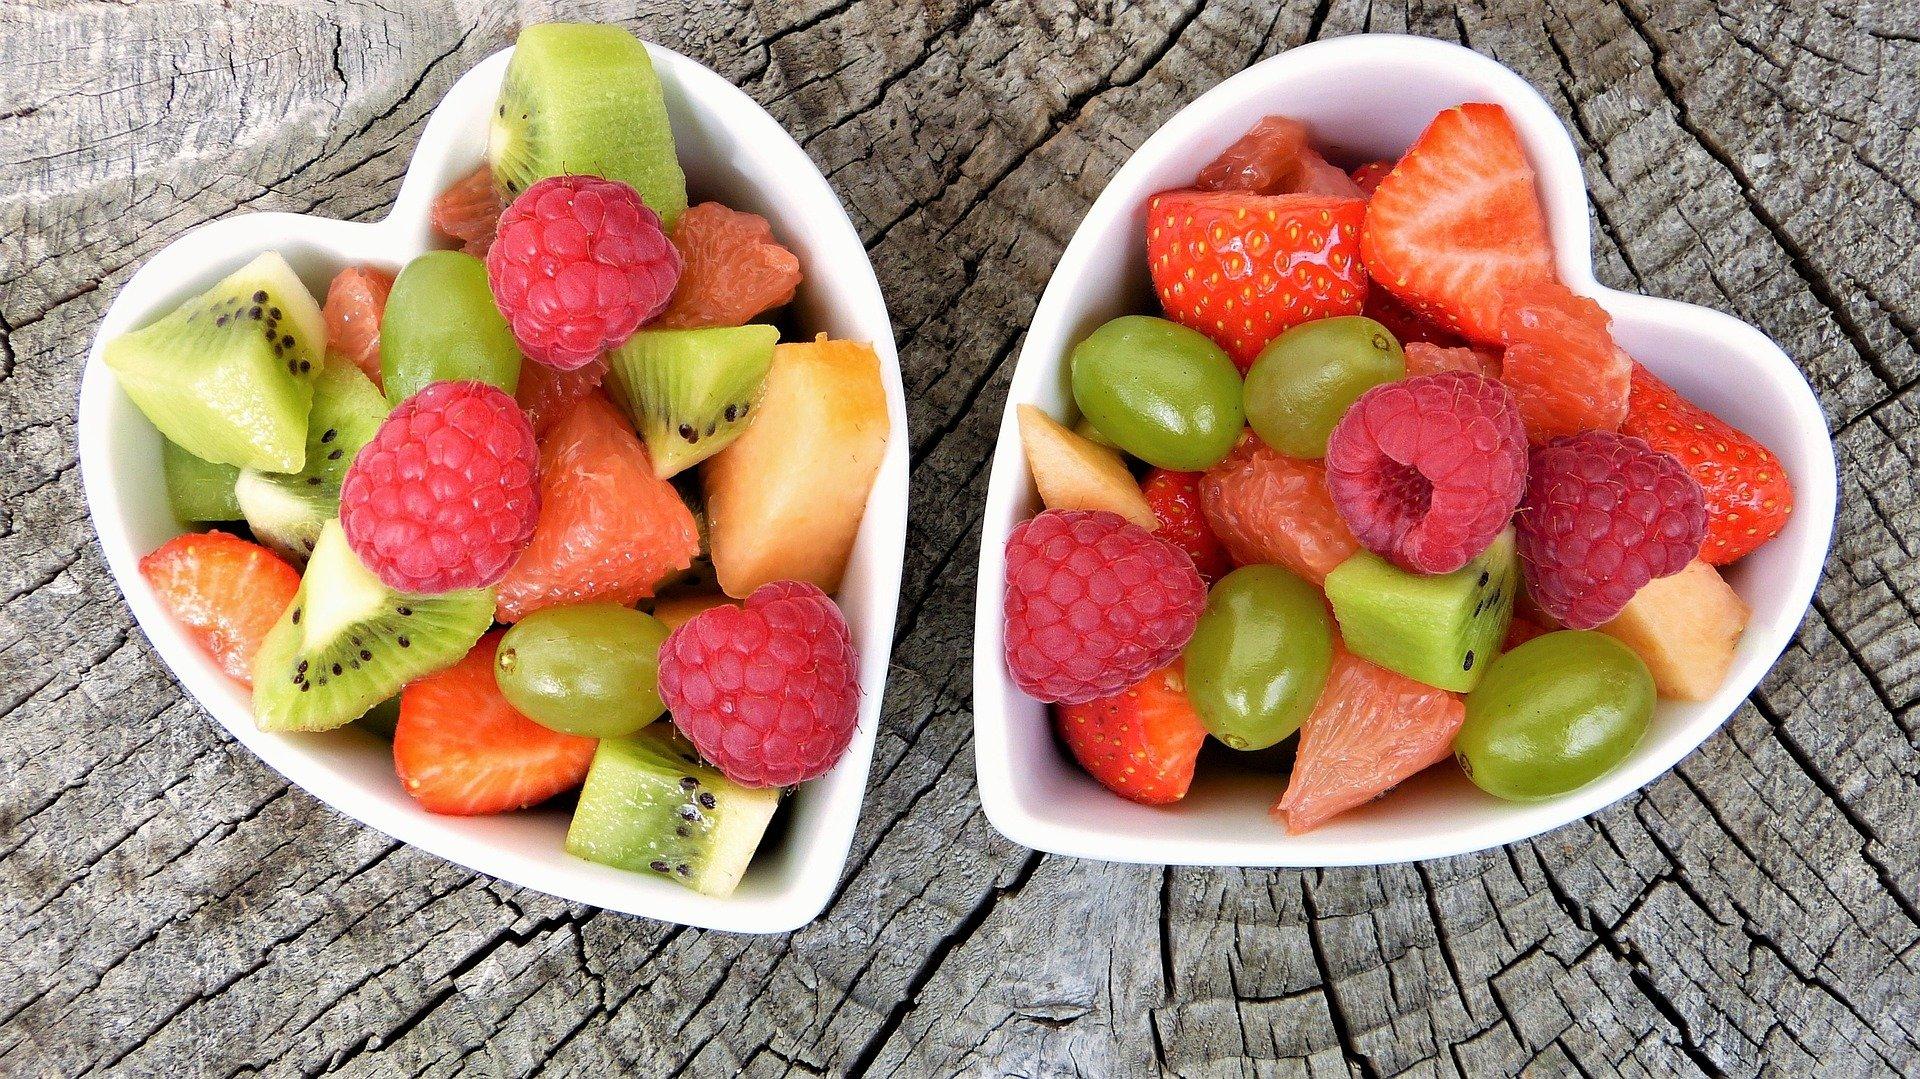 jakie owoce jeść na kolację?